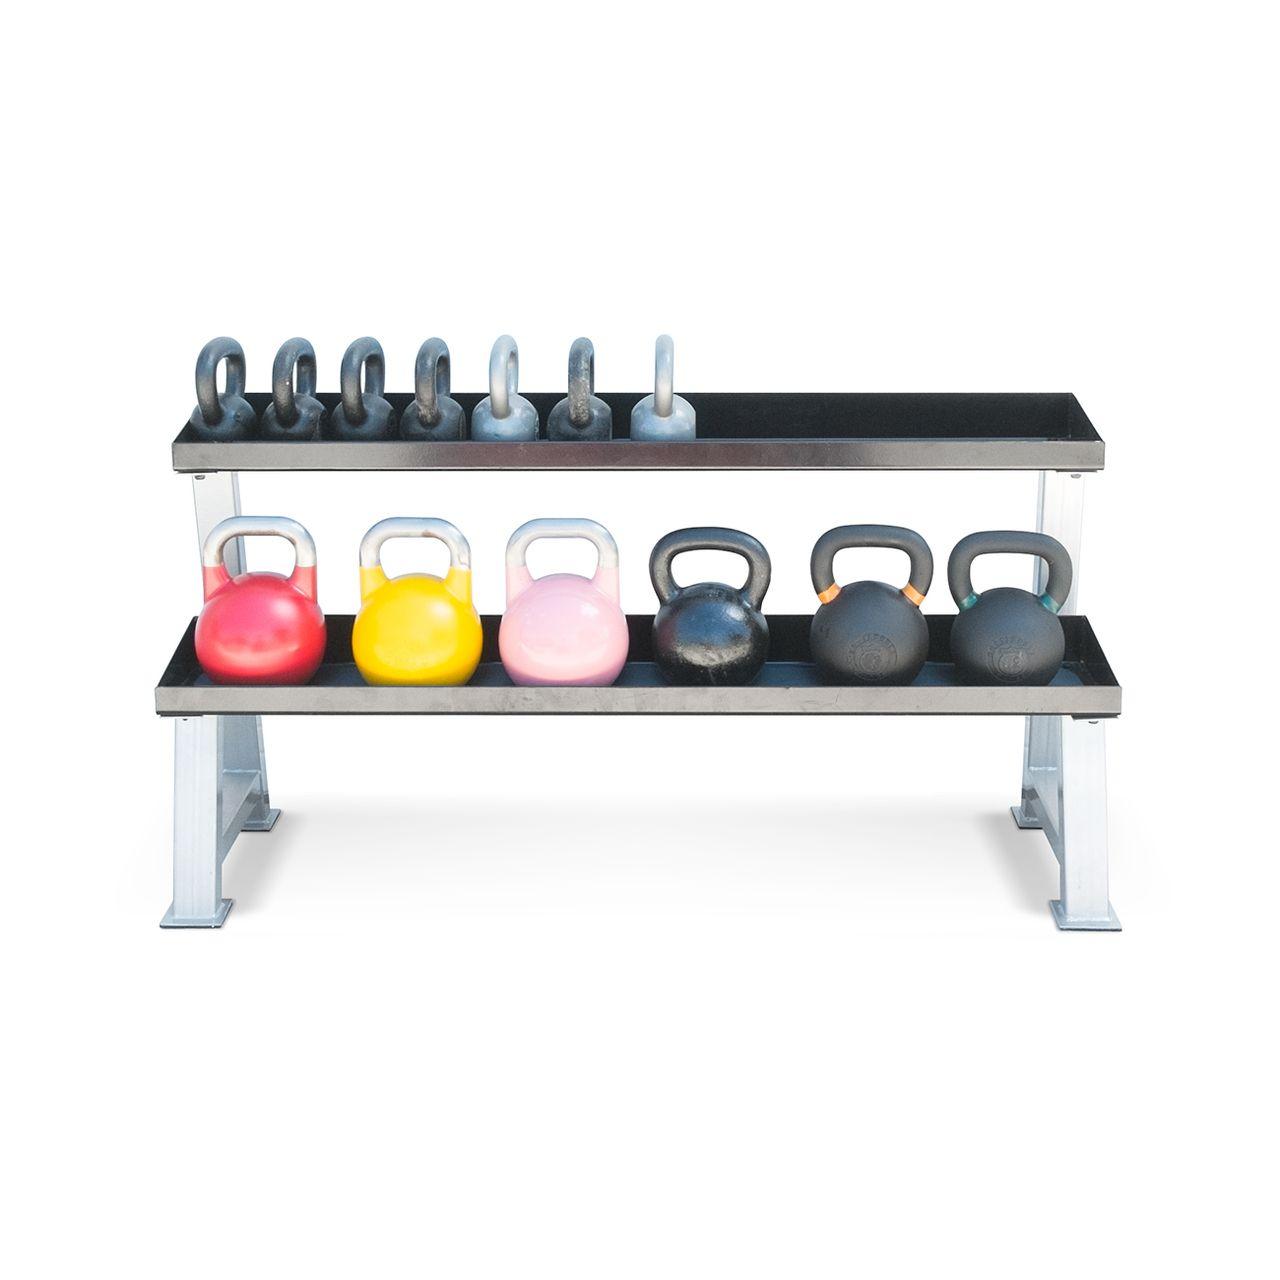 Steel 2tier kettlebell rack holds 1525 kettlebells